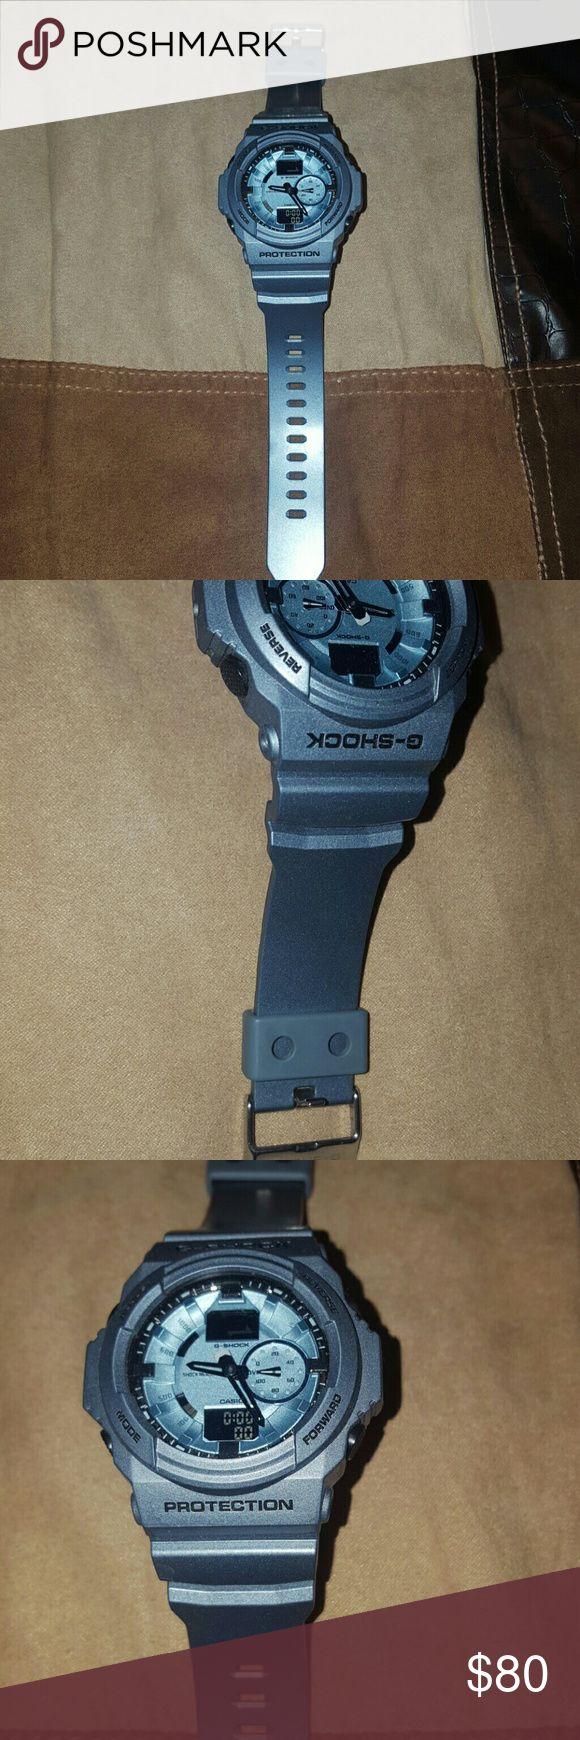 Men's Casio G Shock Resist Watch Pewter Grey Watch practically new..worn no more than twice Casio Accessories Watches